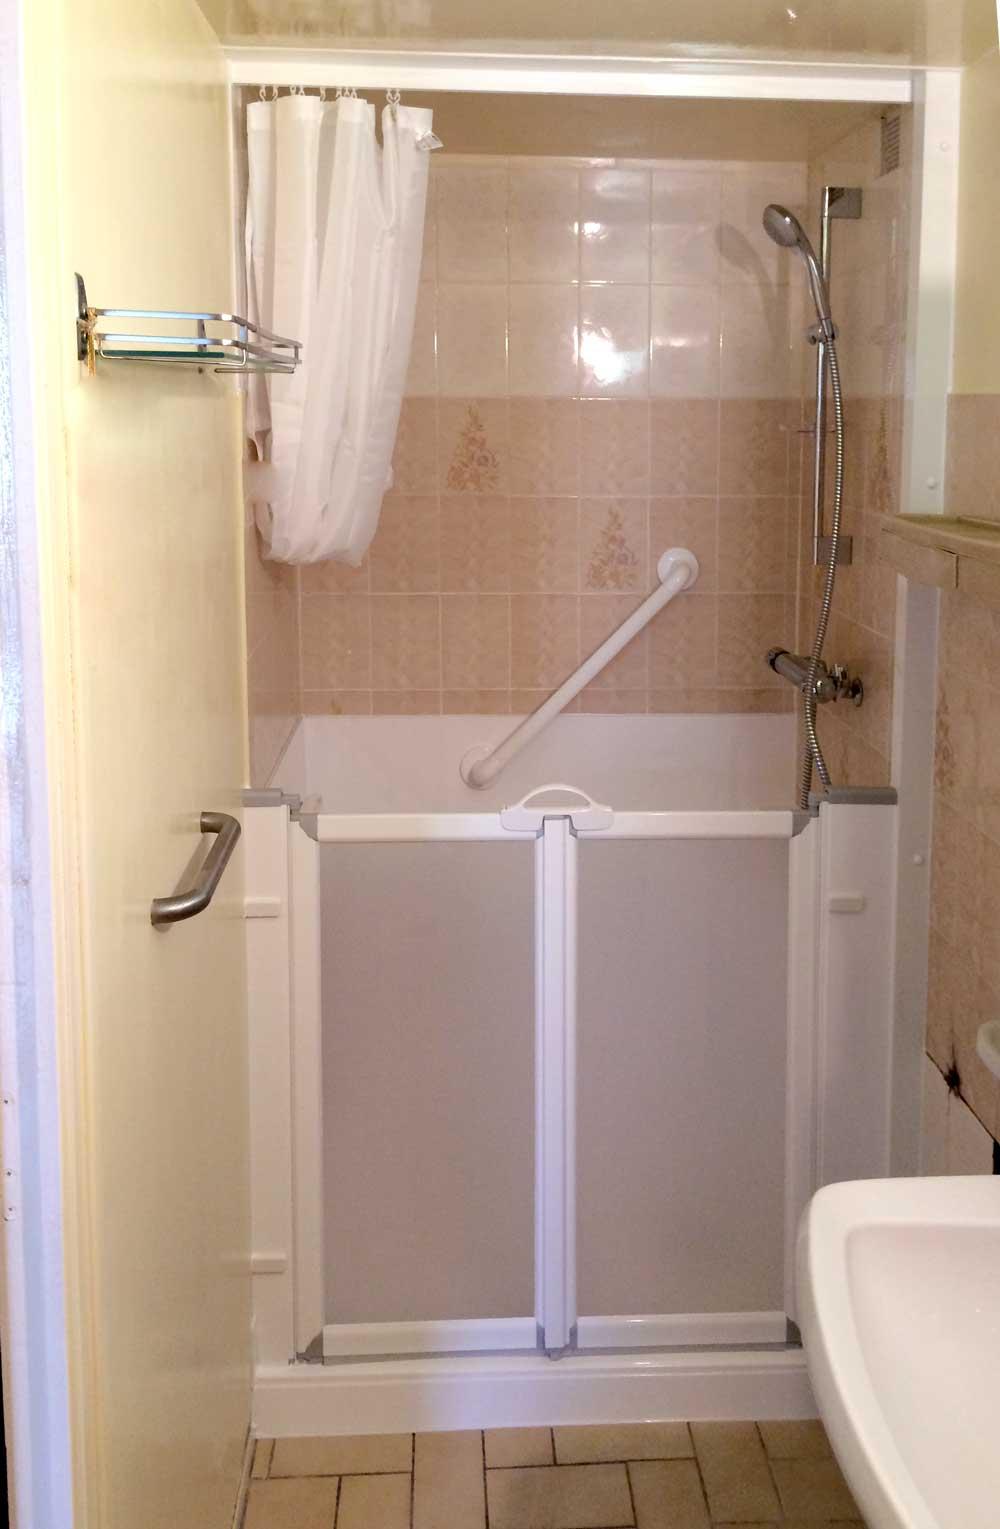 installation d une douche senior hadapt id ale pour les petites salles de bains seniorbains. Black Bedroom Furniture Sets. Home Design Ideas